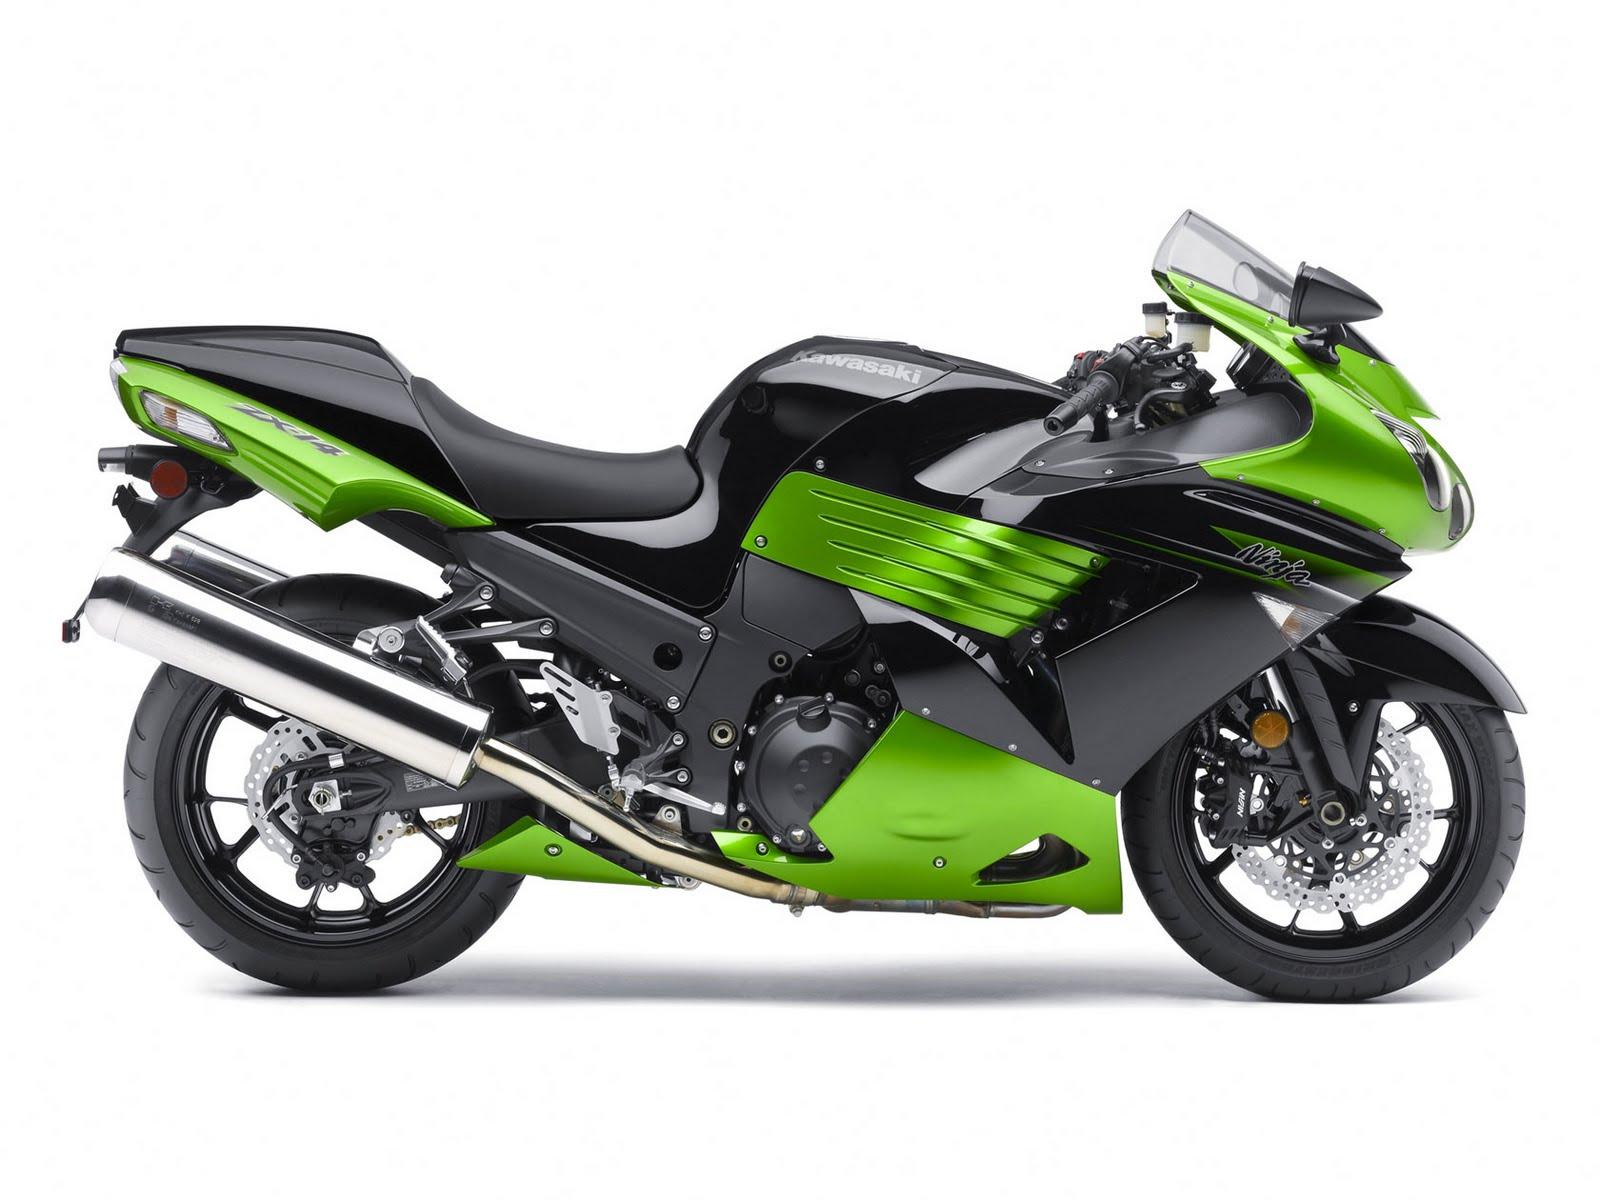 The Best Wallpaper Of Car And Motorcycles 2011 Kawasaki